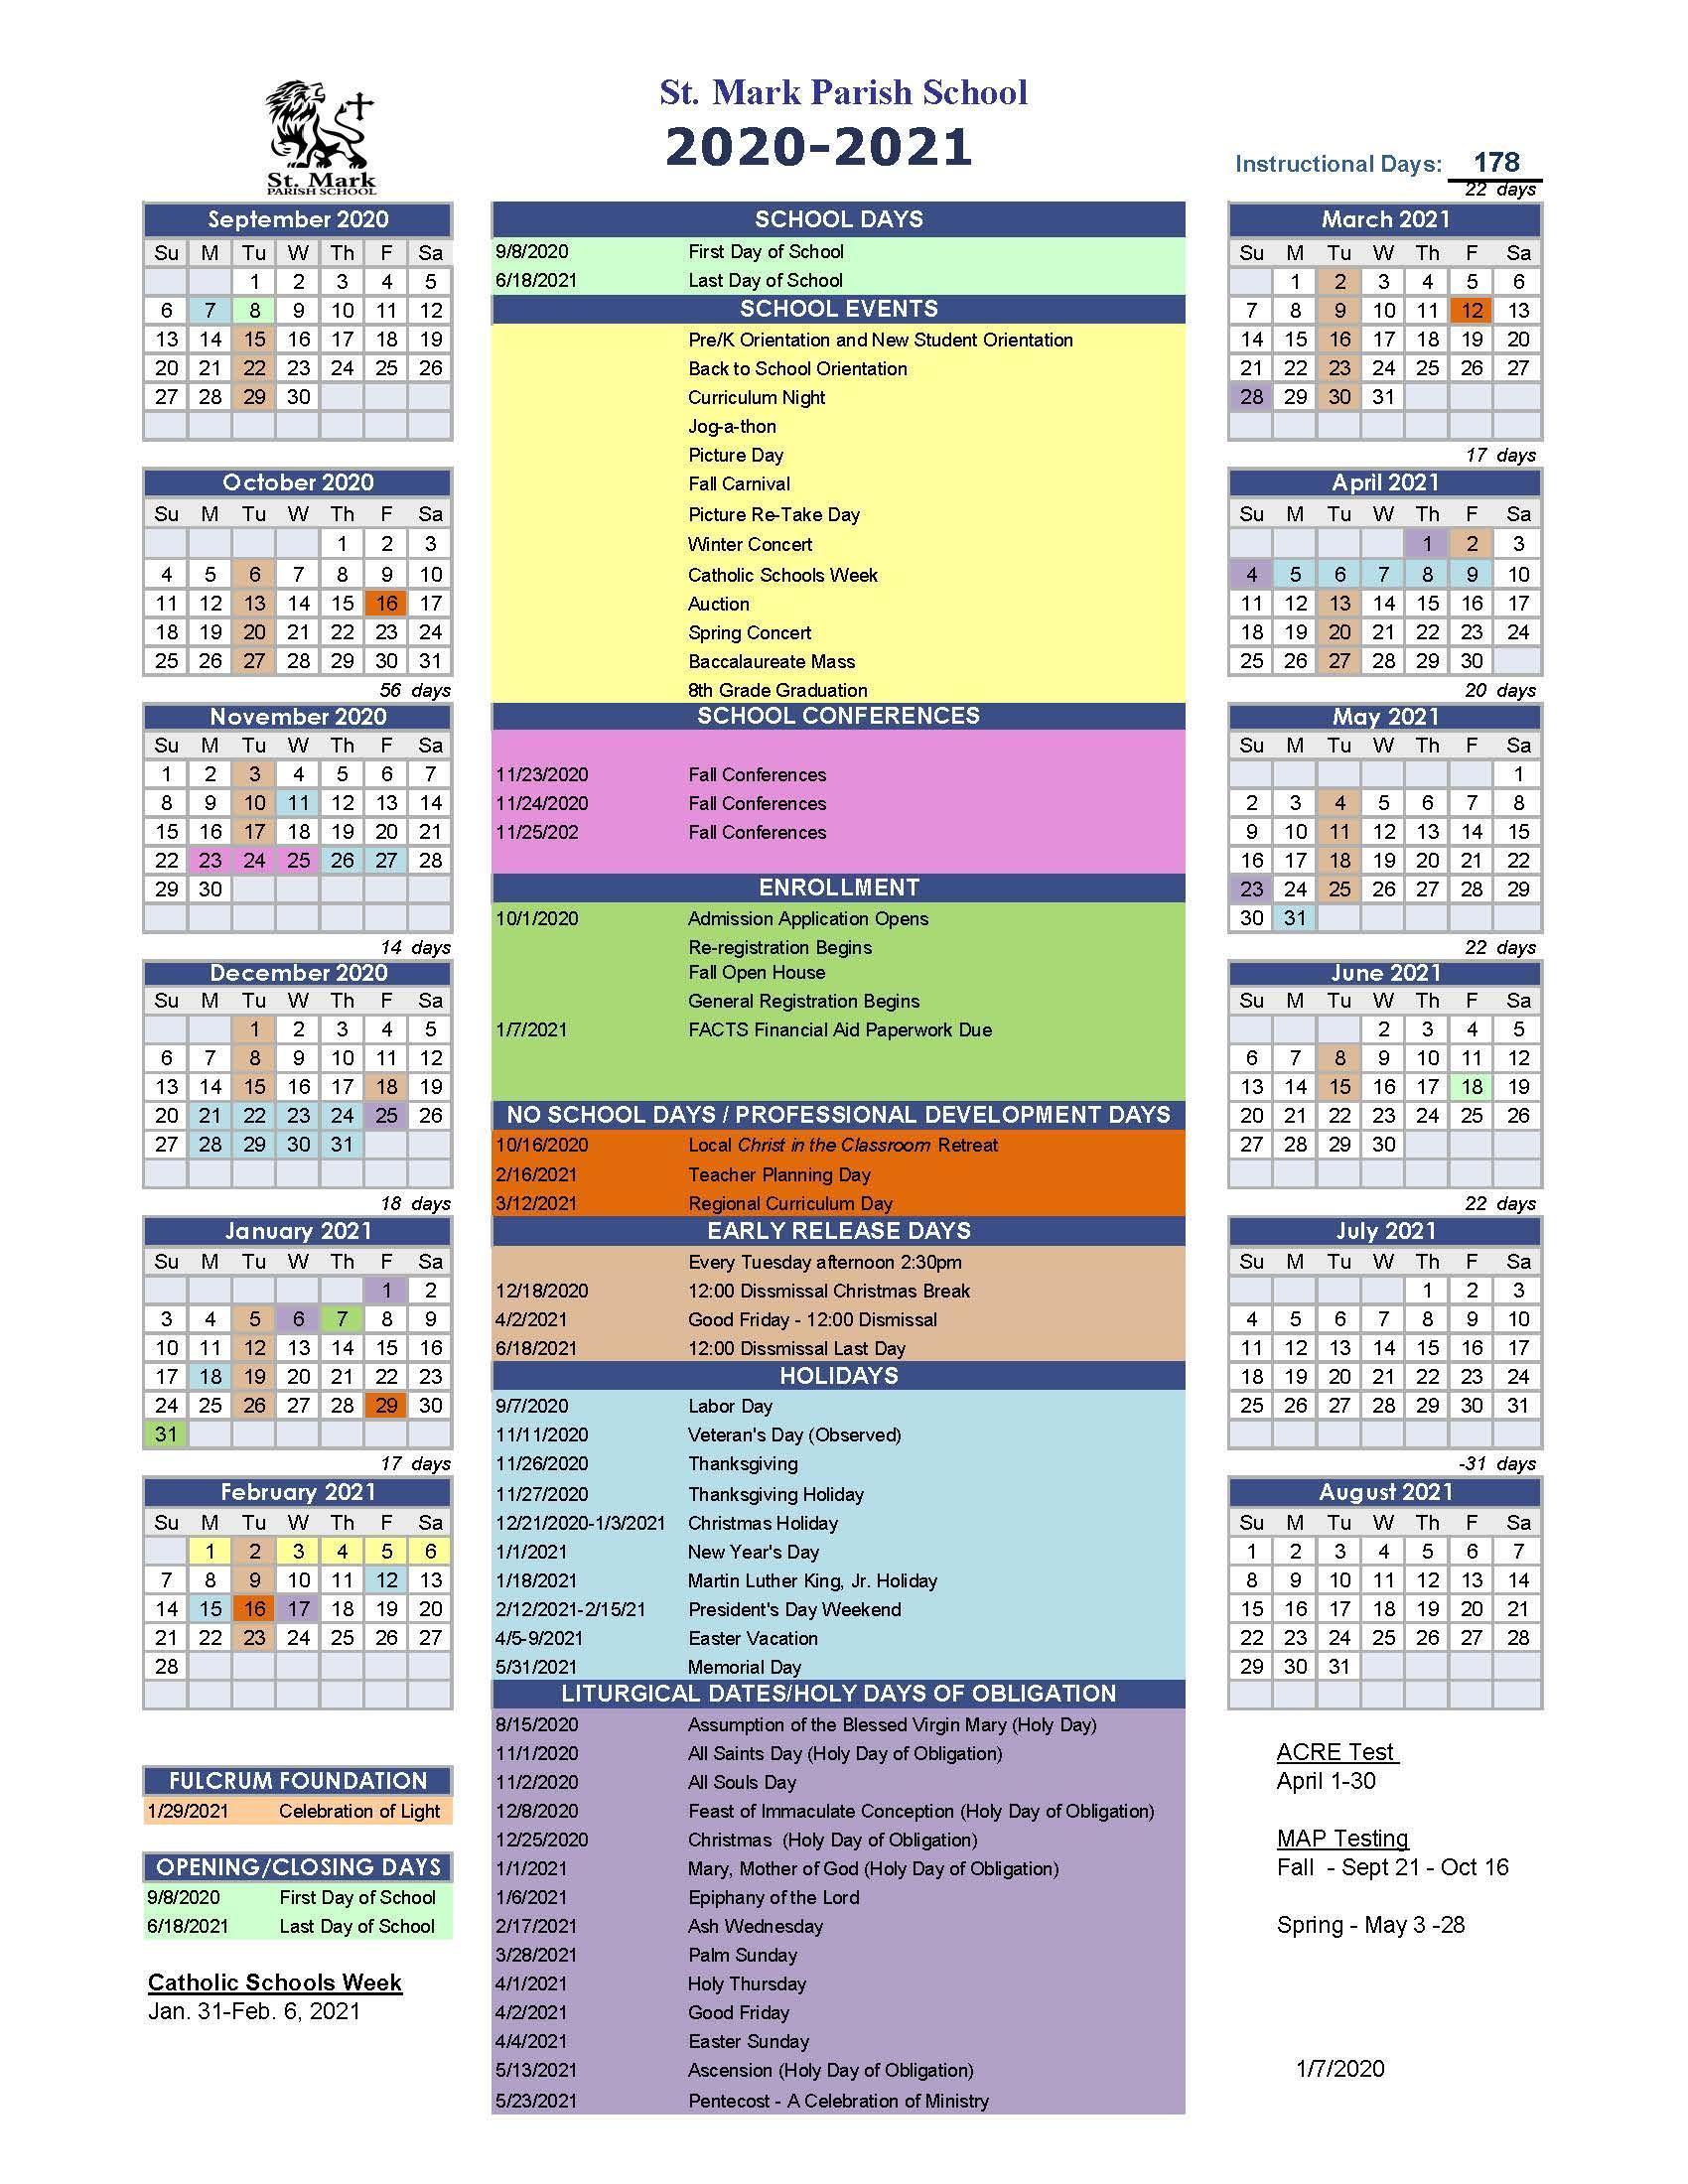 School Calendar 2020   2021 – School Calendar 2020   2021 – St